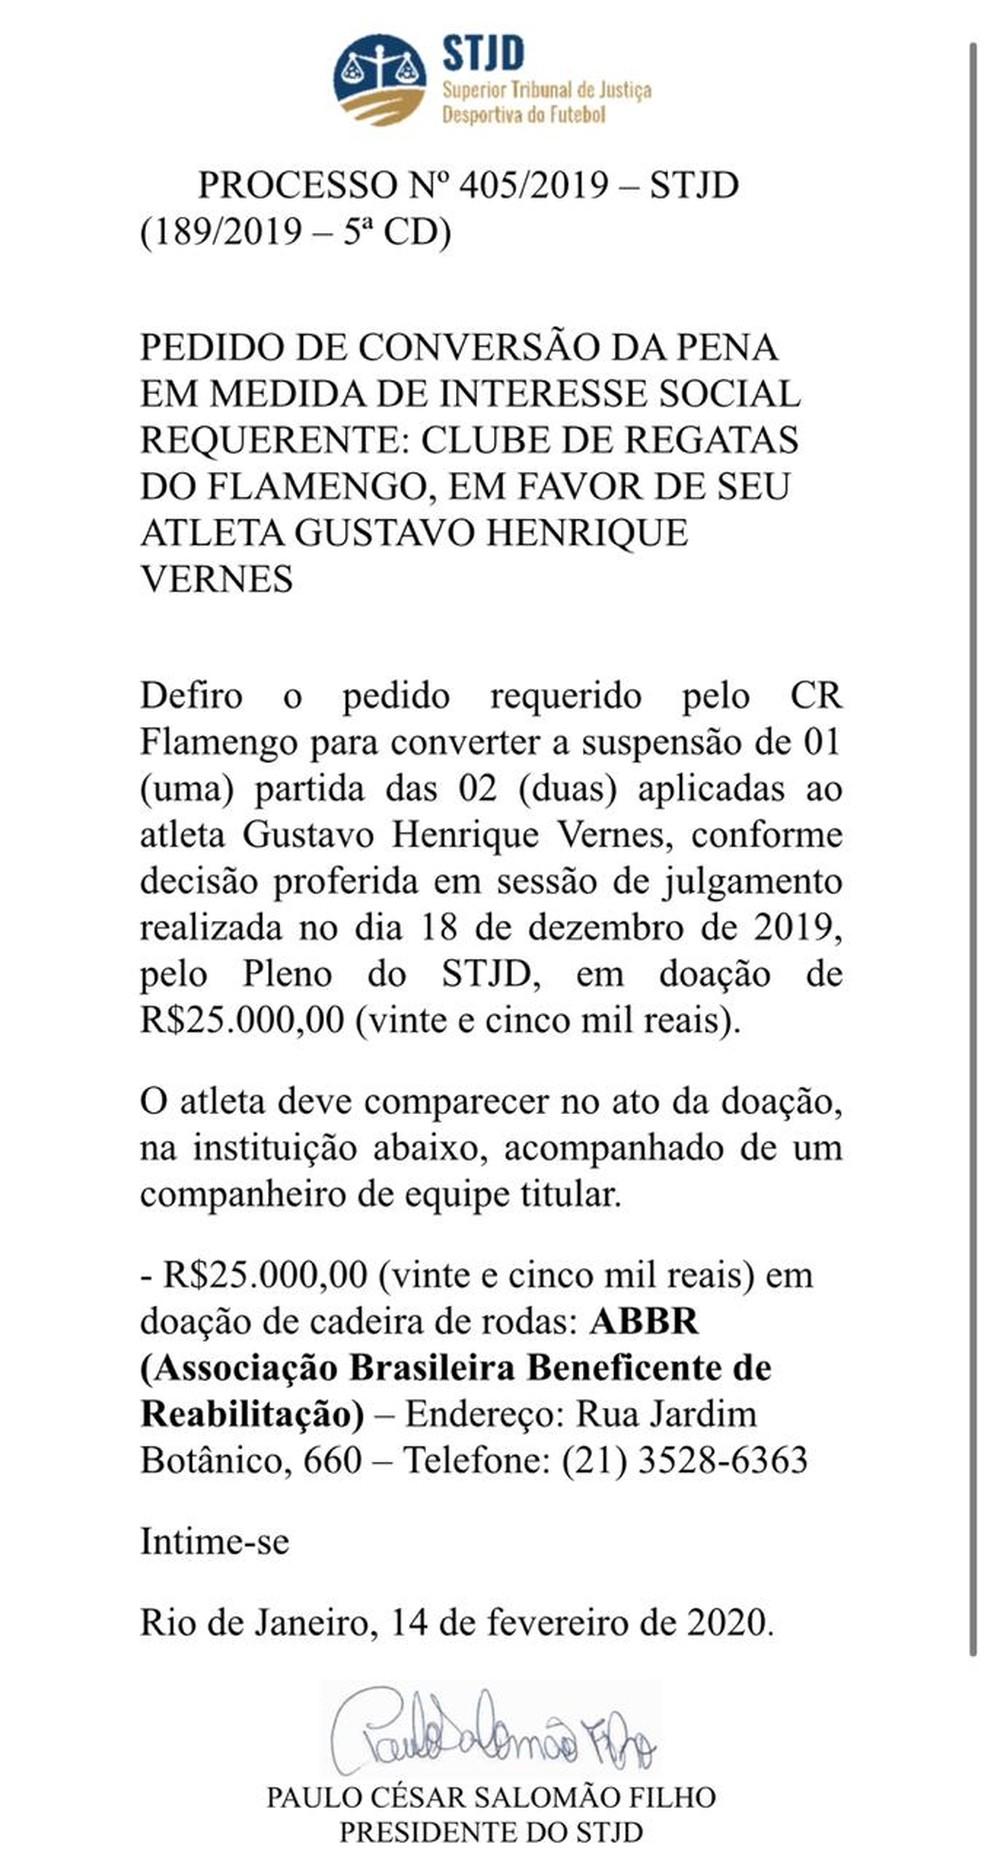 STJD emite documento que oficializa a conversão da pena de Gustavo Henrique — Foto: Reprodução